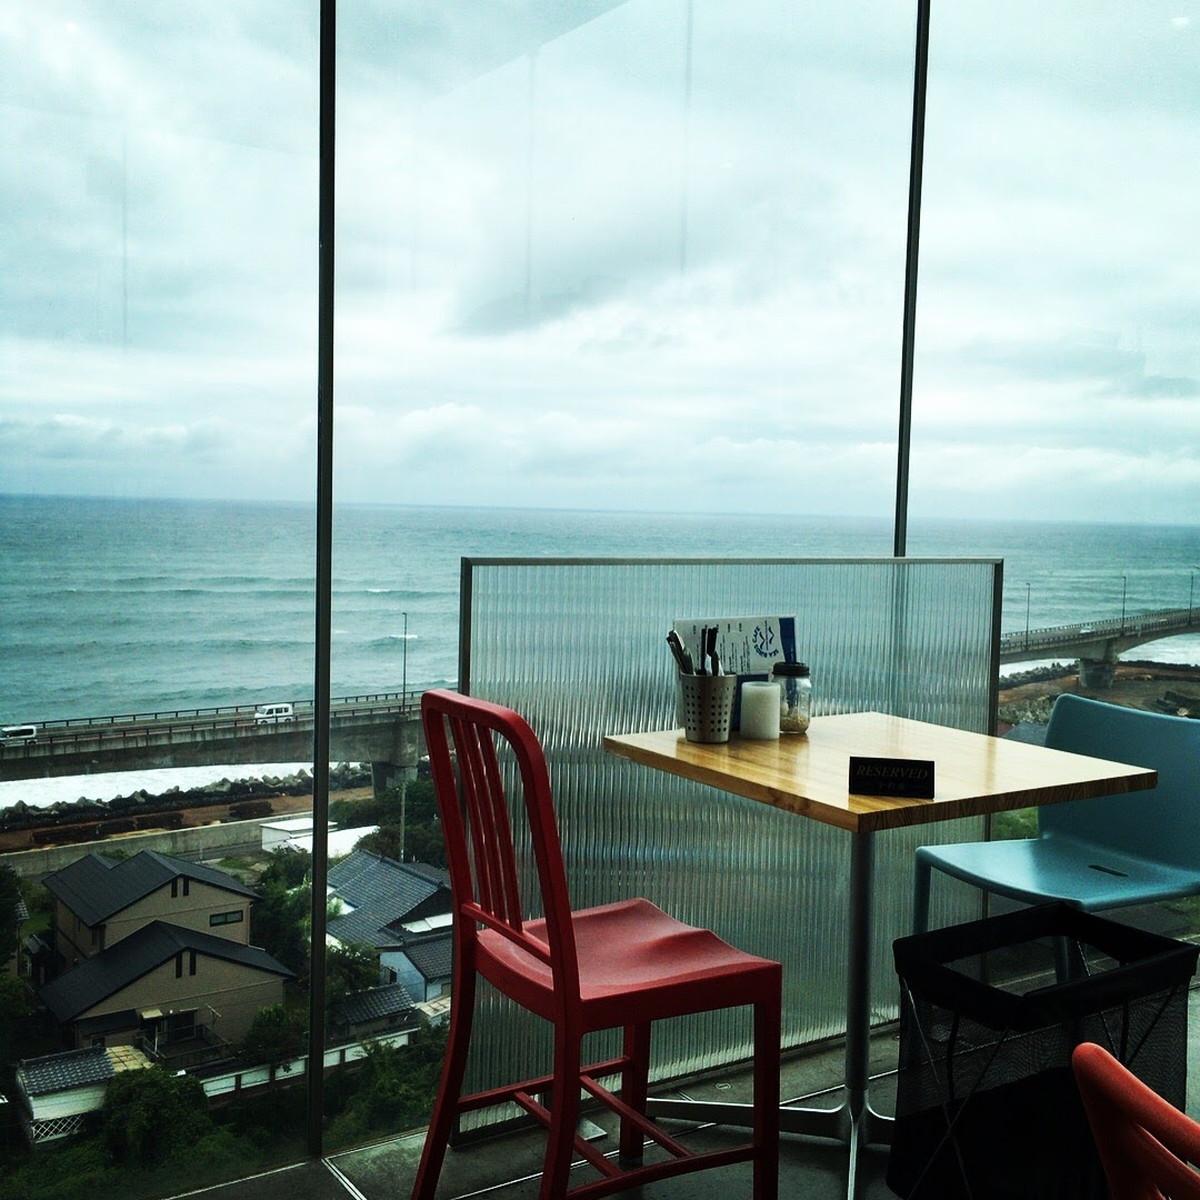 シーバーズカフェ | 日立駅直結・太平洋の海が広がる全面ガラス張りの絶景カフェ、ポークランチが実は激ウマ!